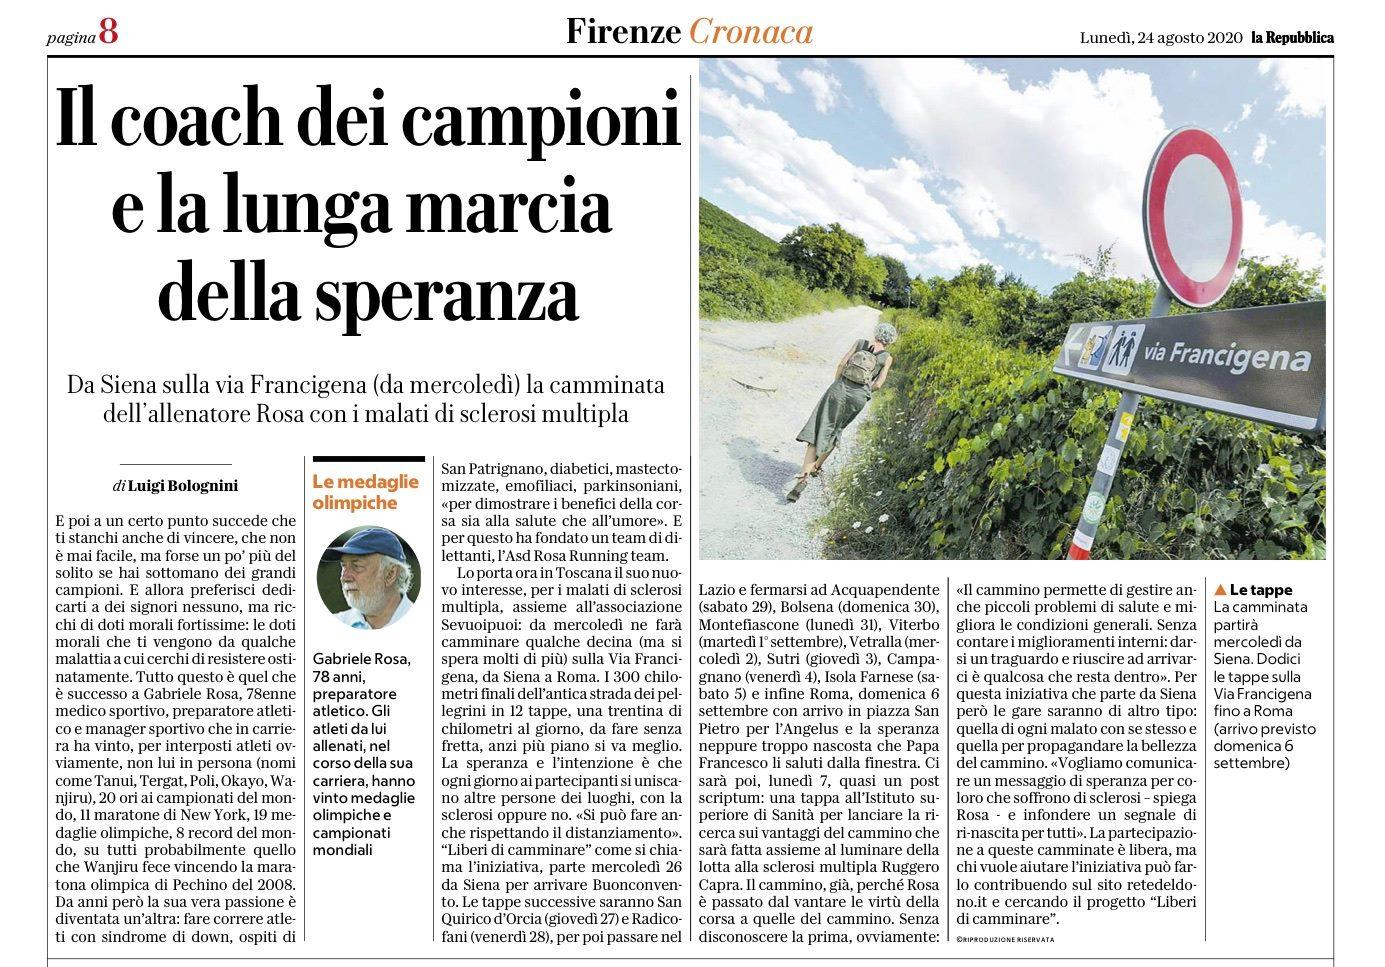 Repubblica - Cronaca Firenze - 24 agosto